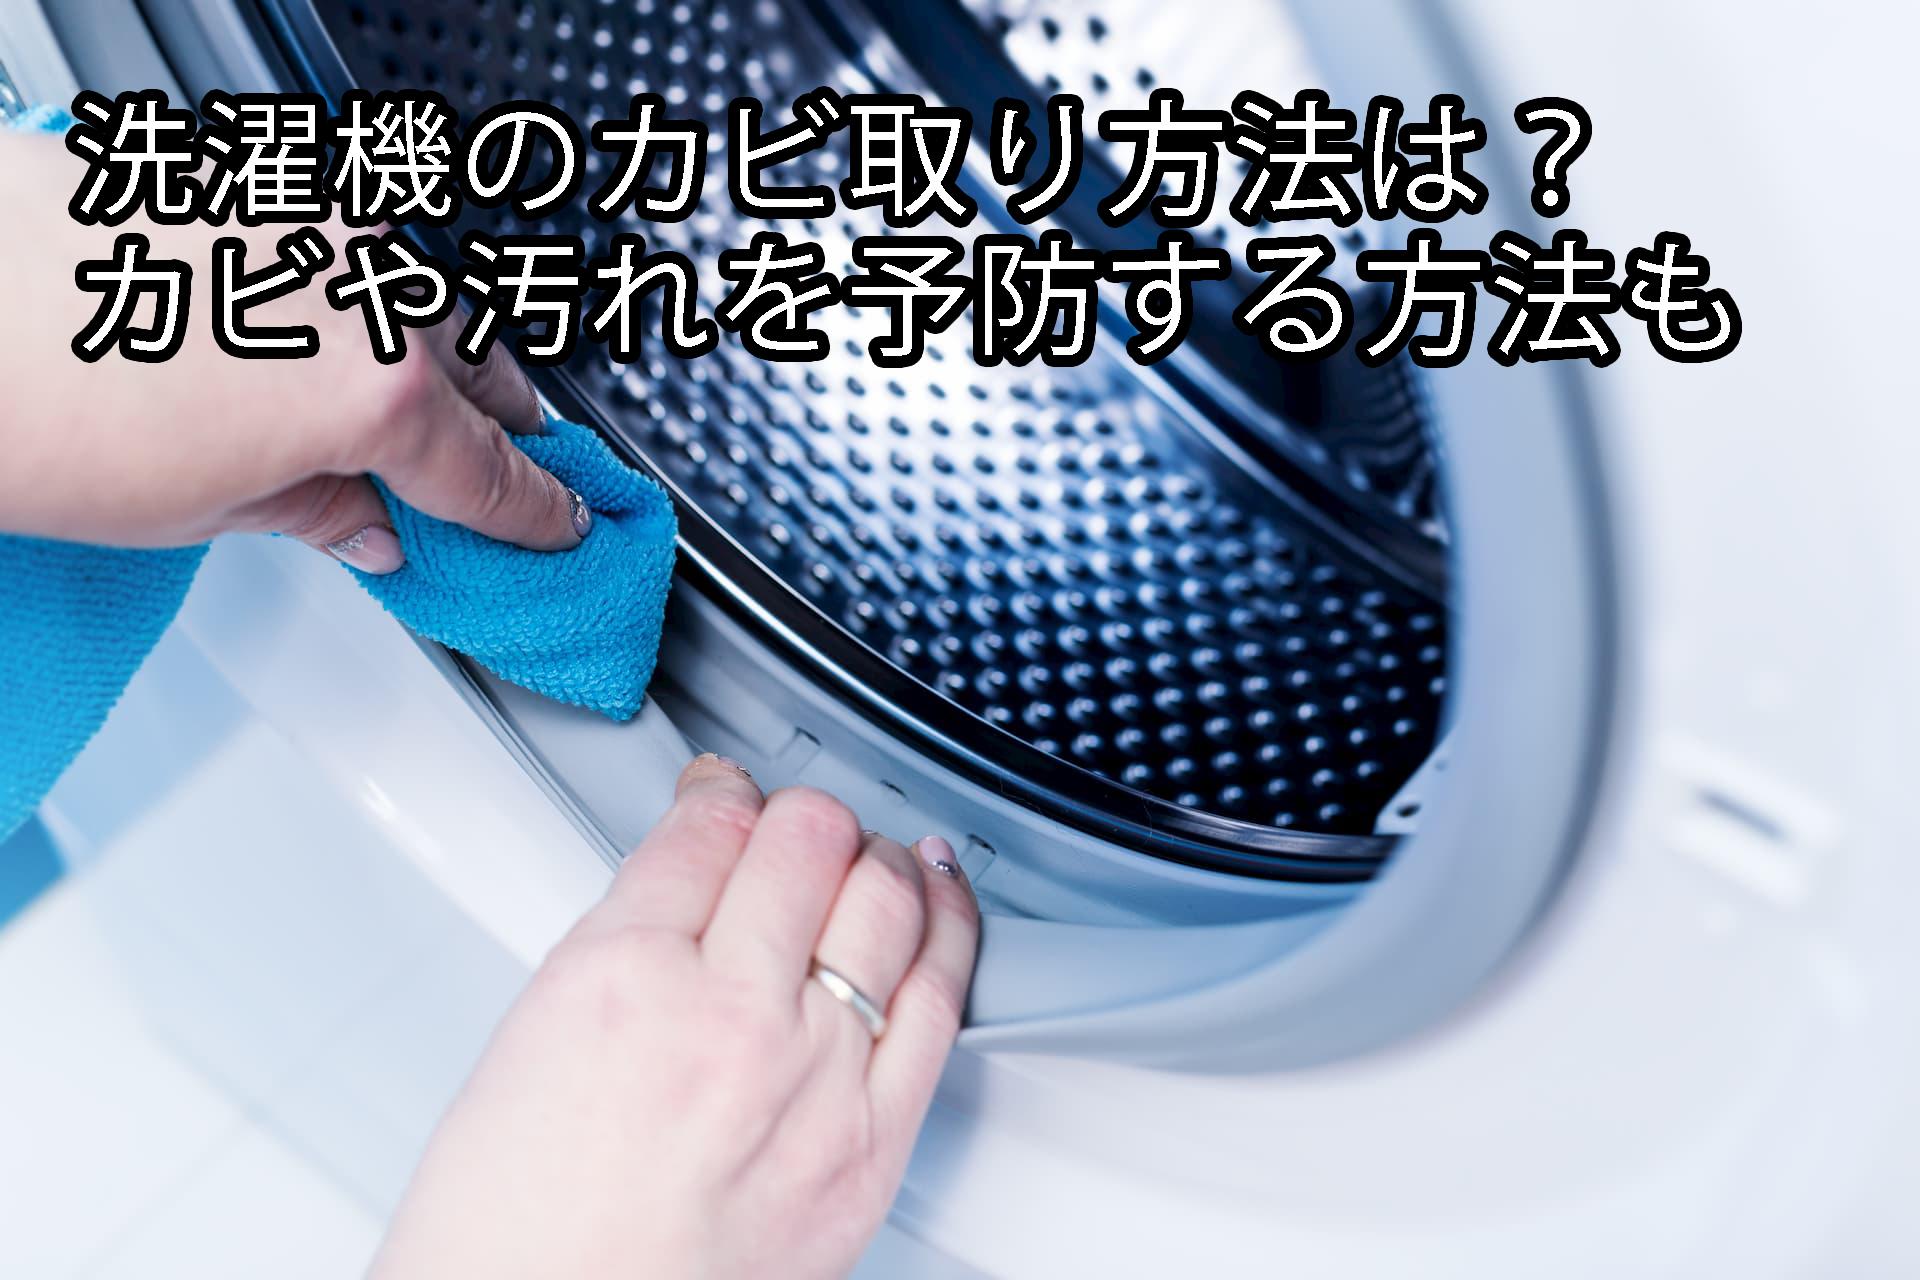 洗濯機のカビ取り方法は?カビや汚れを予防する方法も